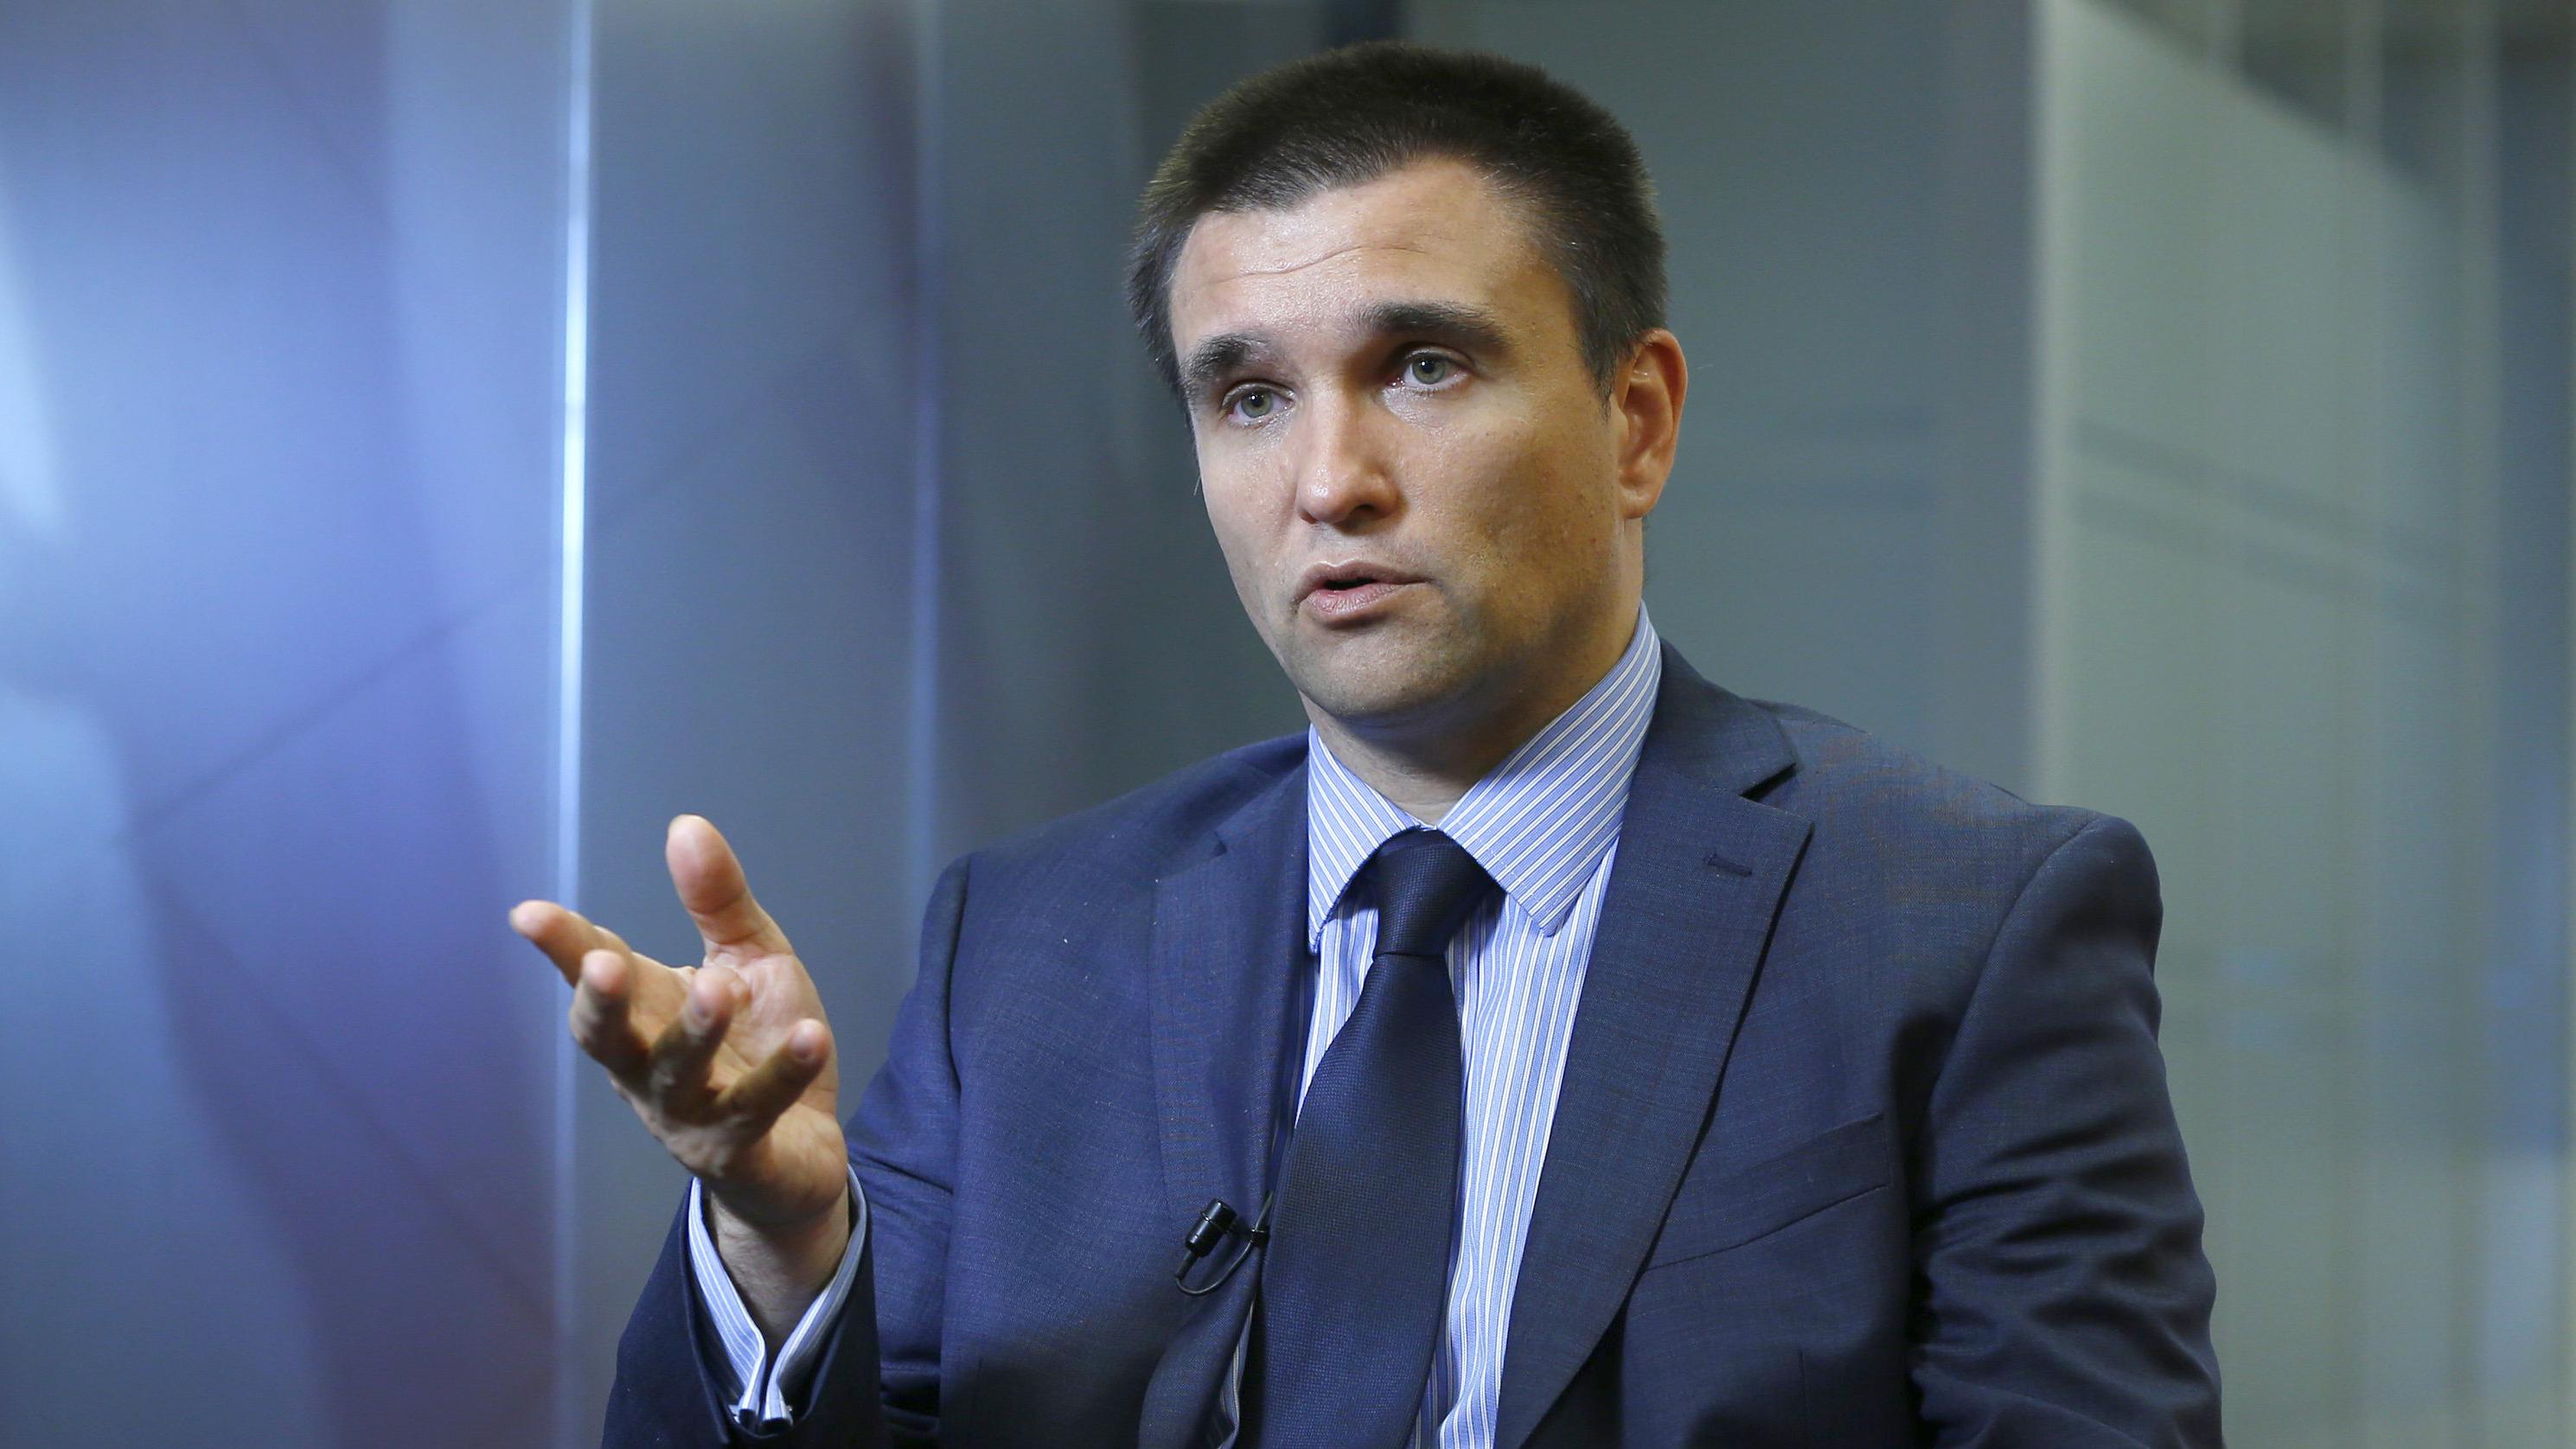 Геращенко: Brexit может иметь плохие последствия для государства Украины